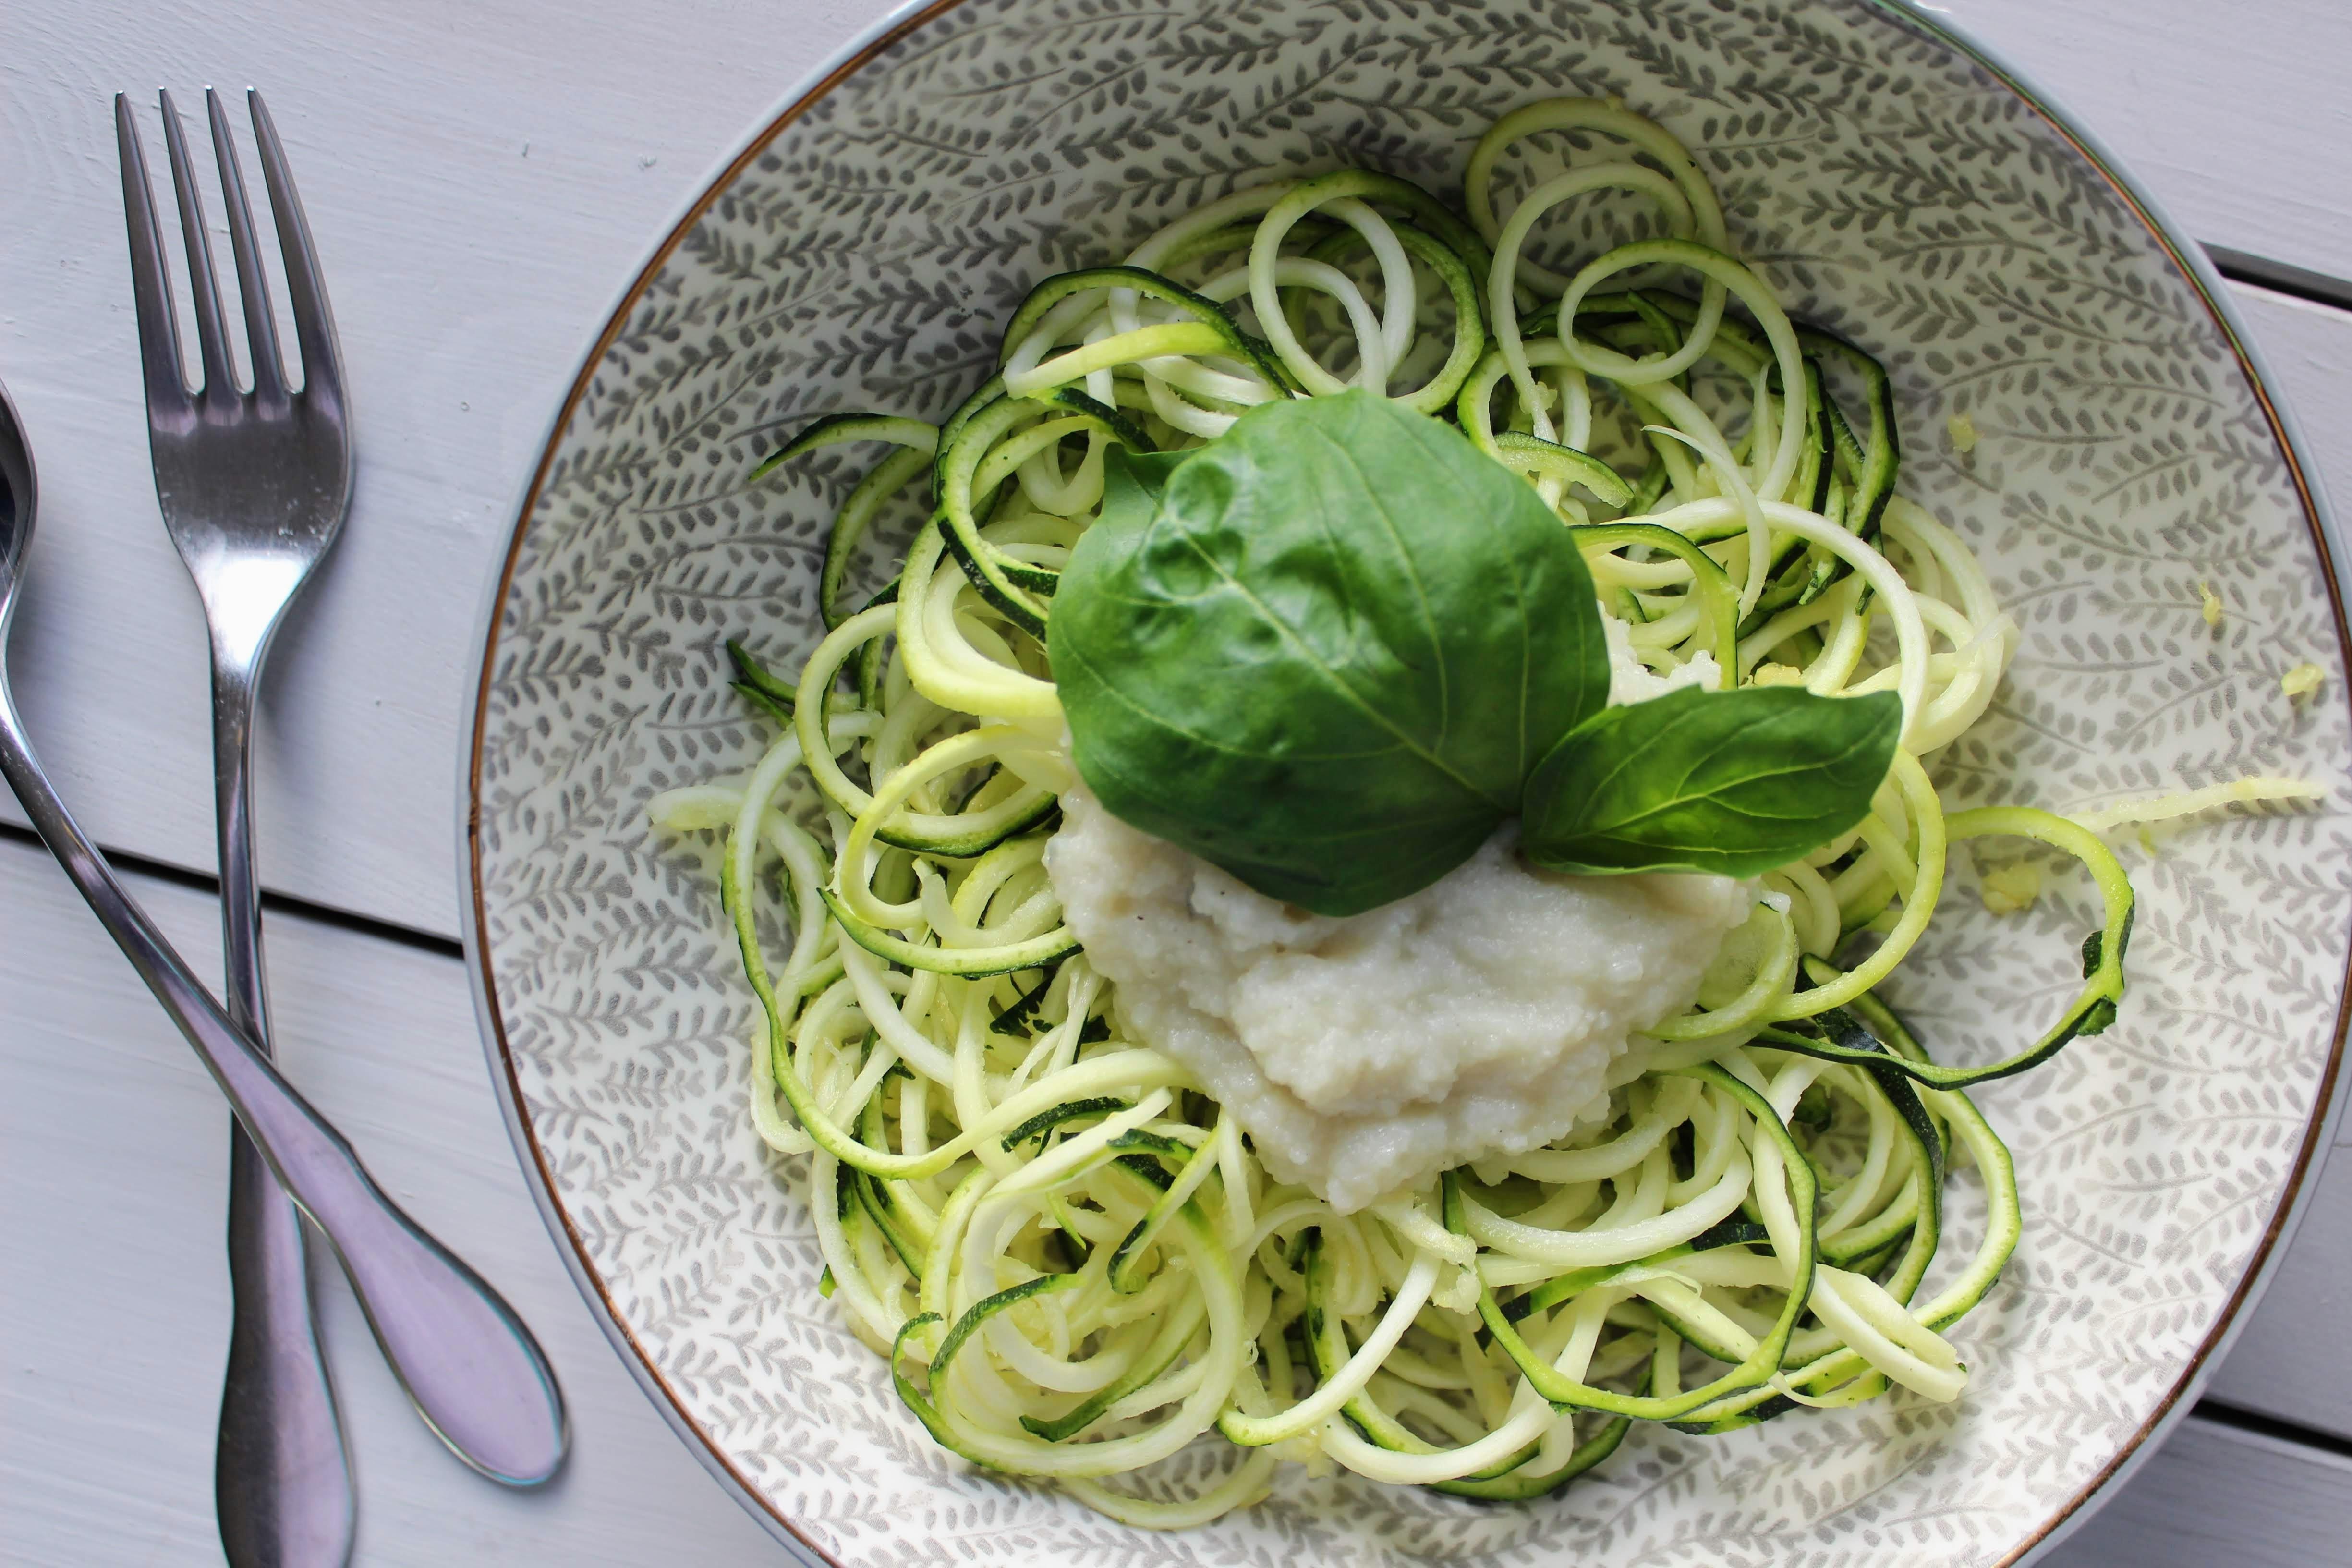 Kann man zucchini roh essen